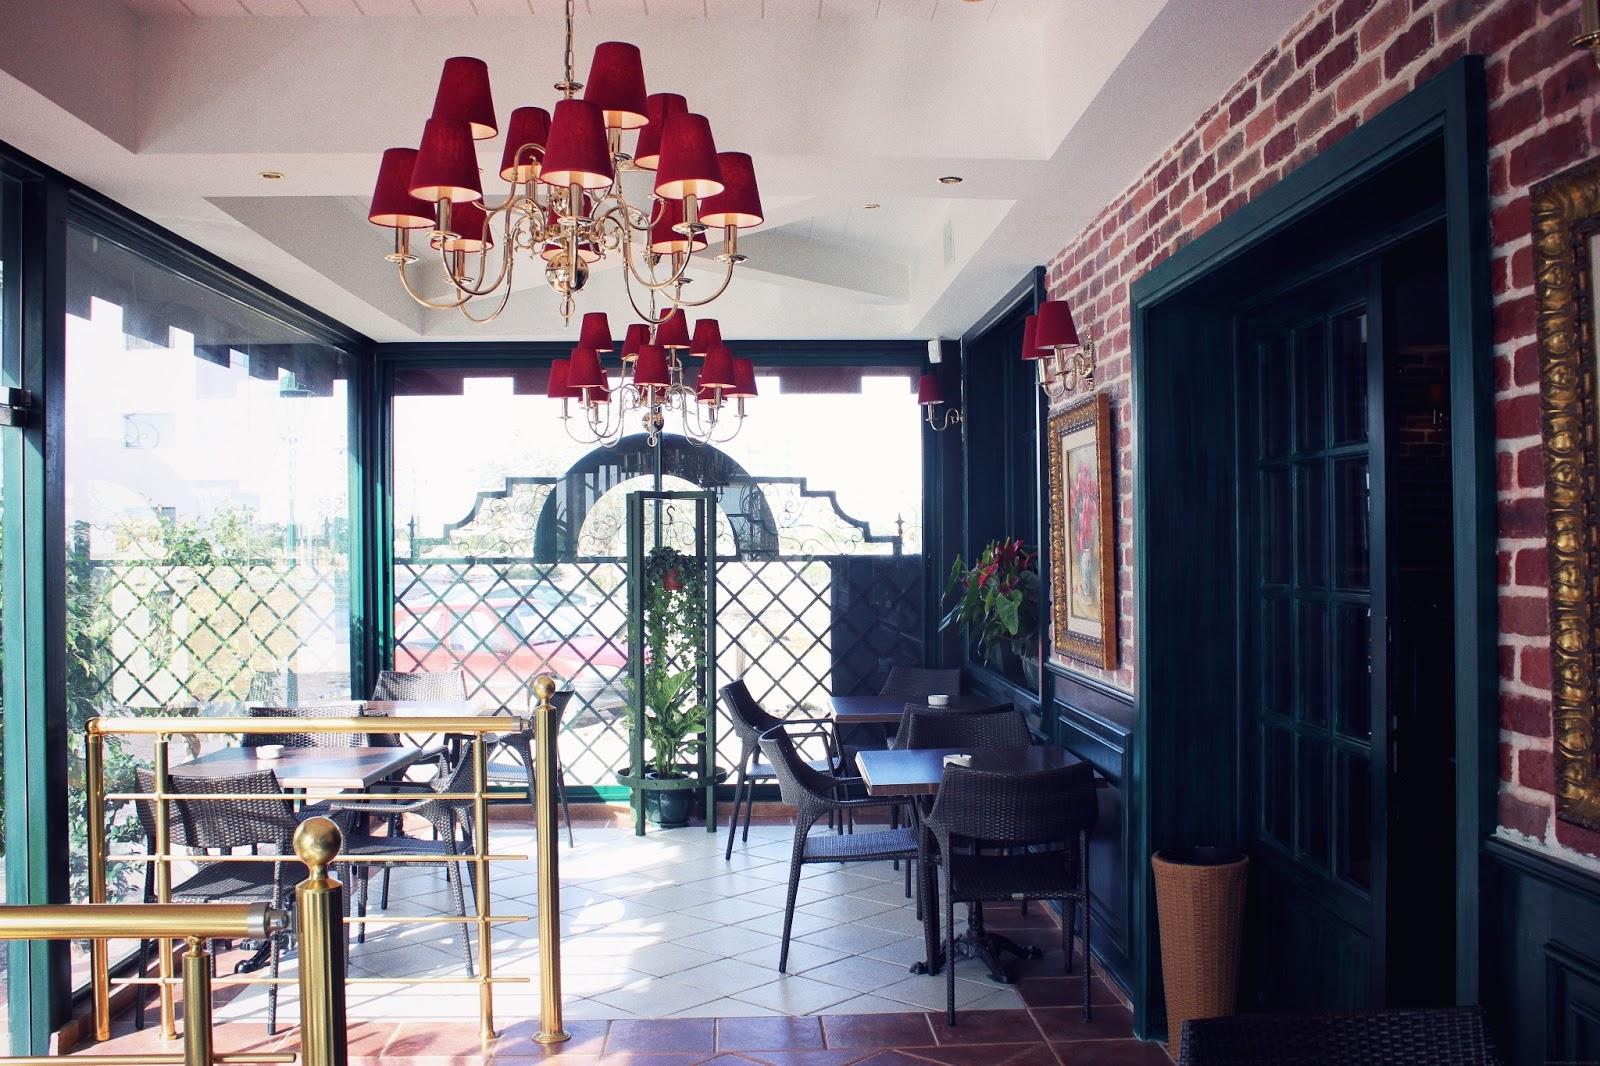 Un dimanche du c t jardin - Restaurant cote jardin lac 2 ...